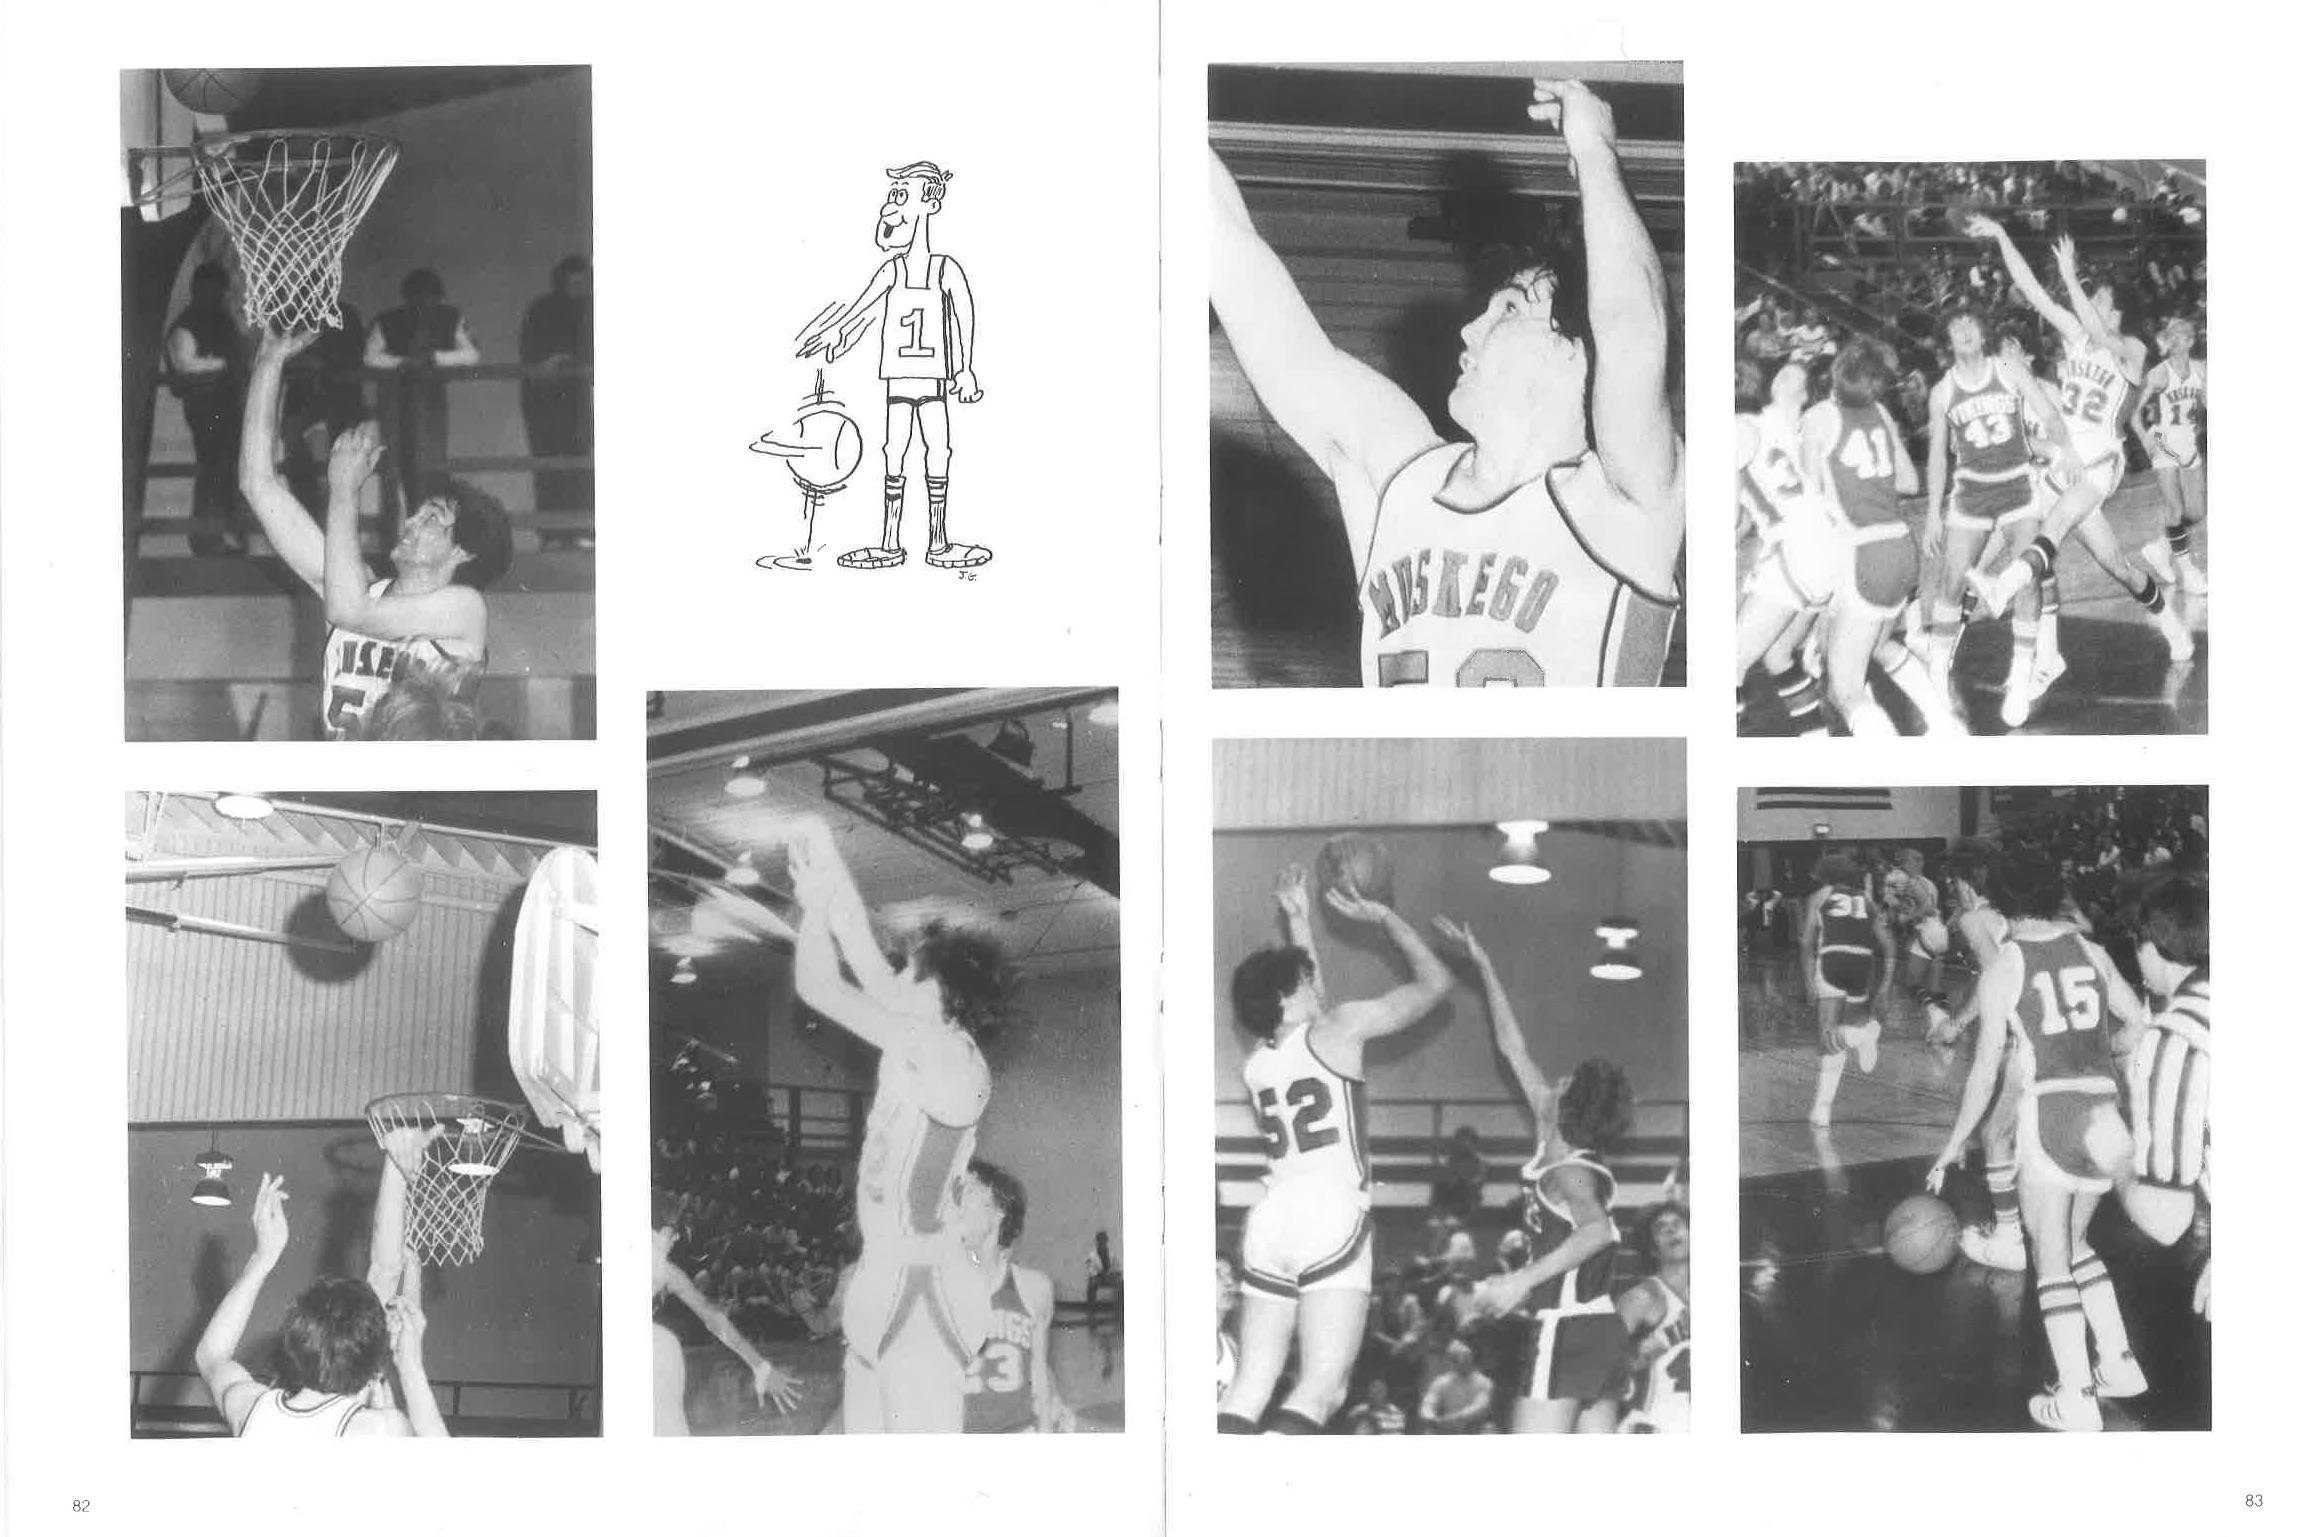 1979_Yearbook_82.jpg